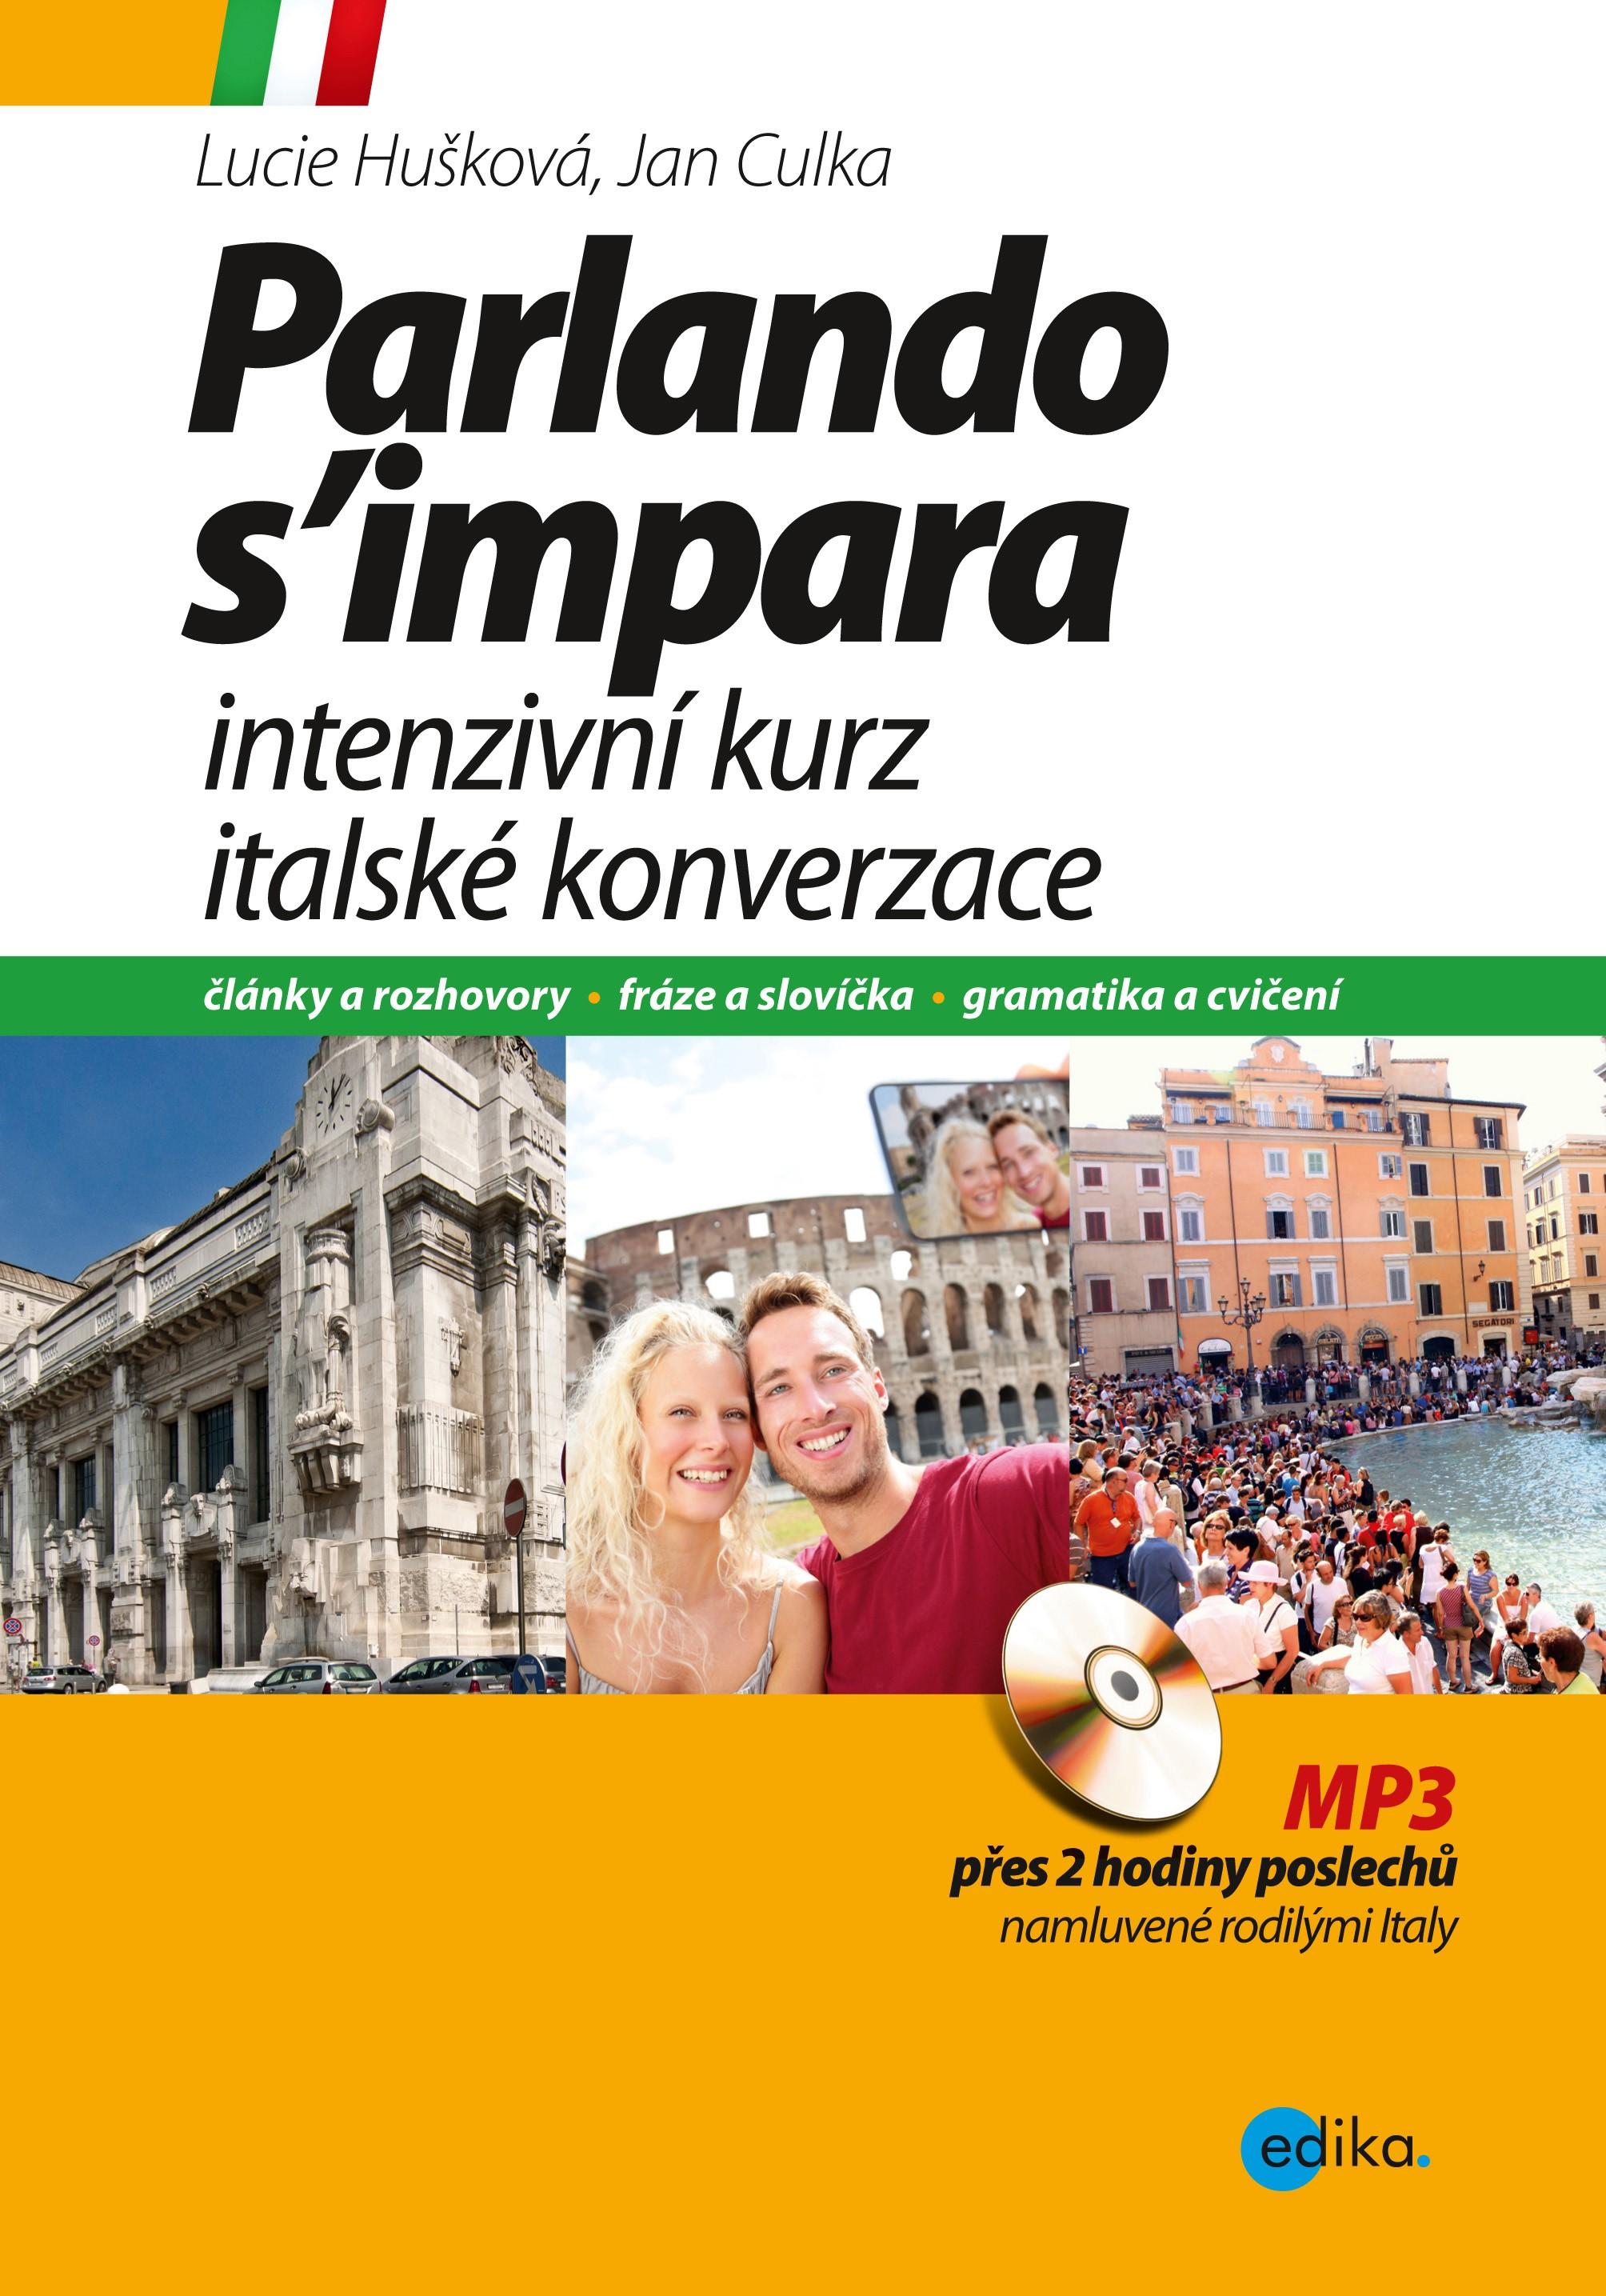 Intenzivní kurz italské konverzace | Lucie Huškova , Jan Culka